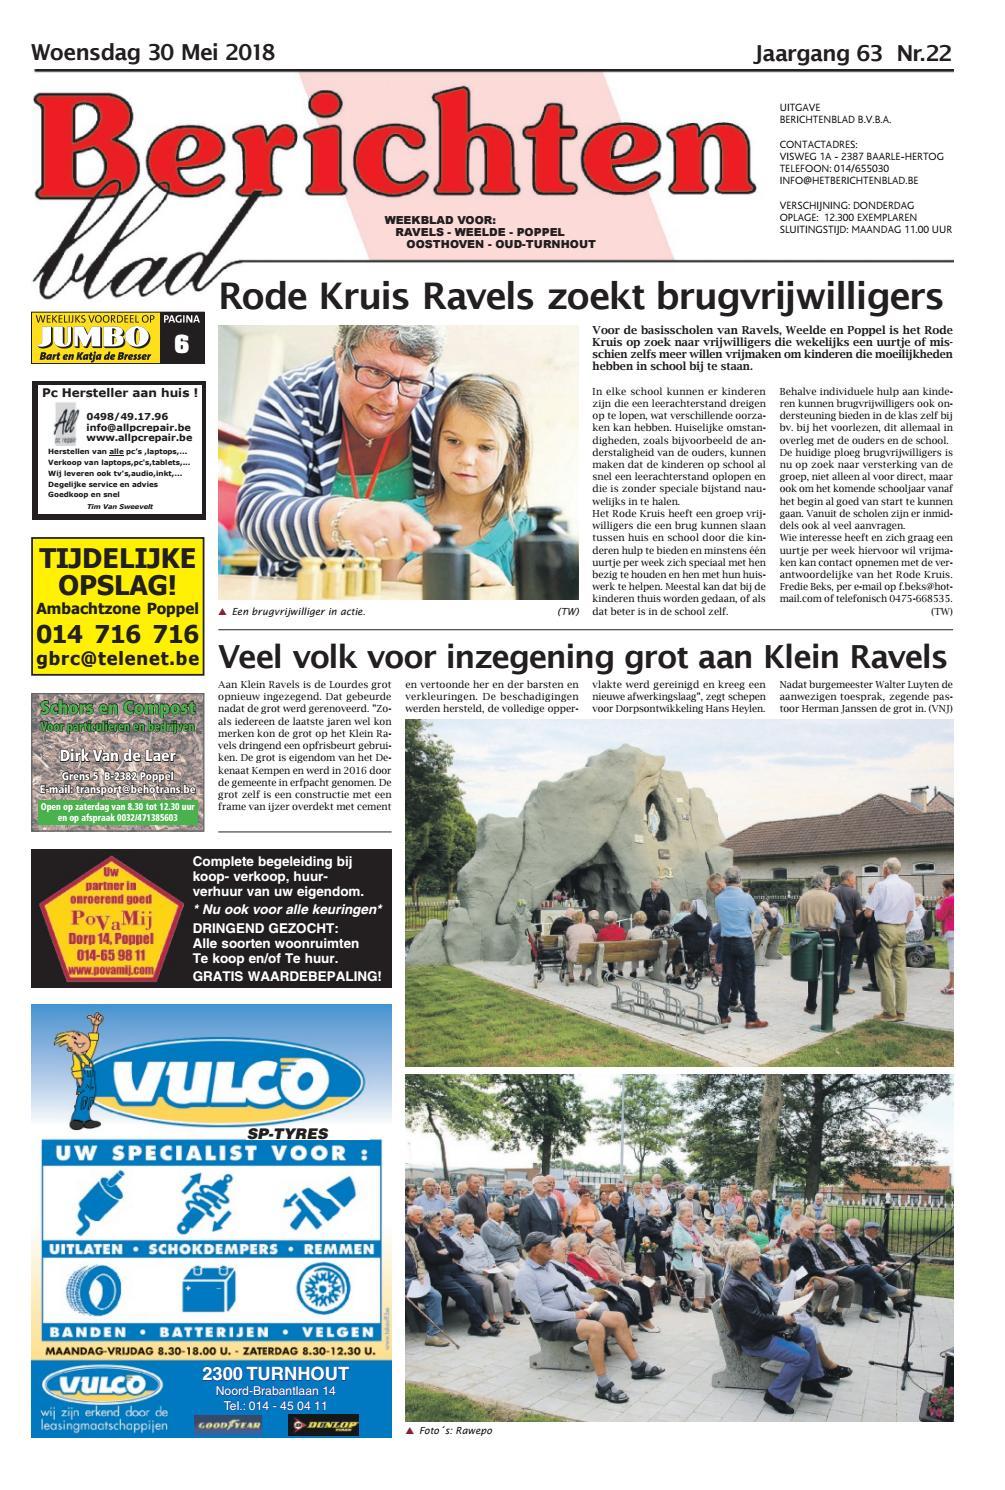 Gratis hookup sites vlaanderen dienstencheques prijs